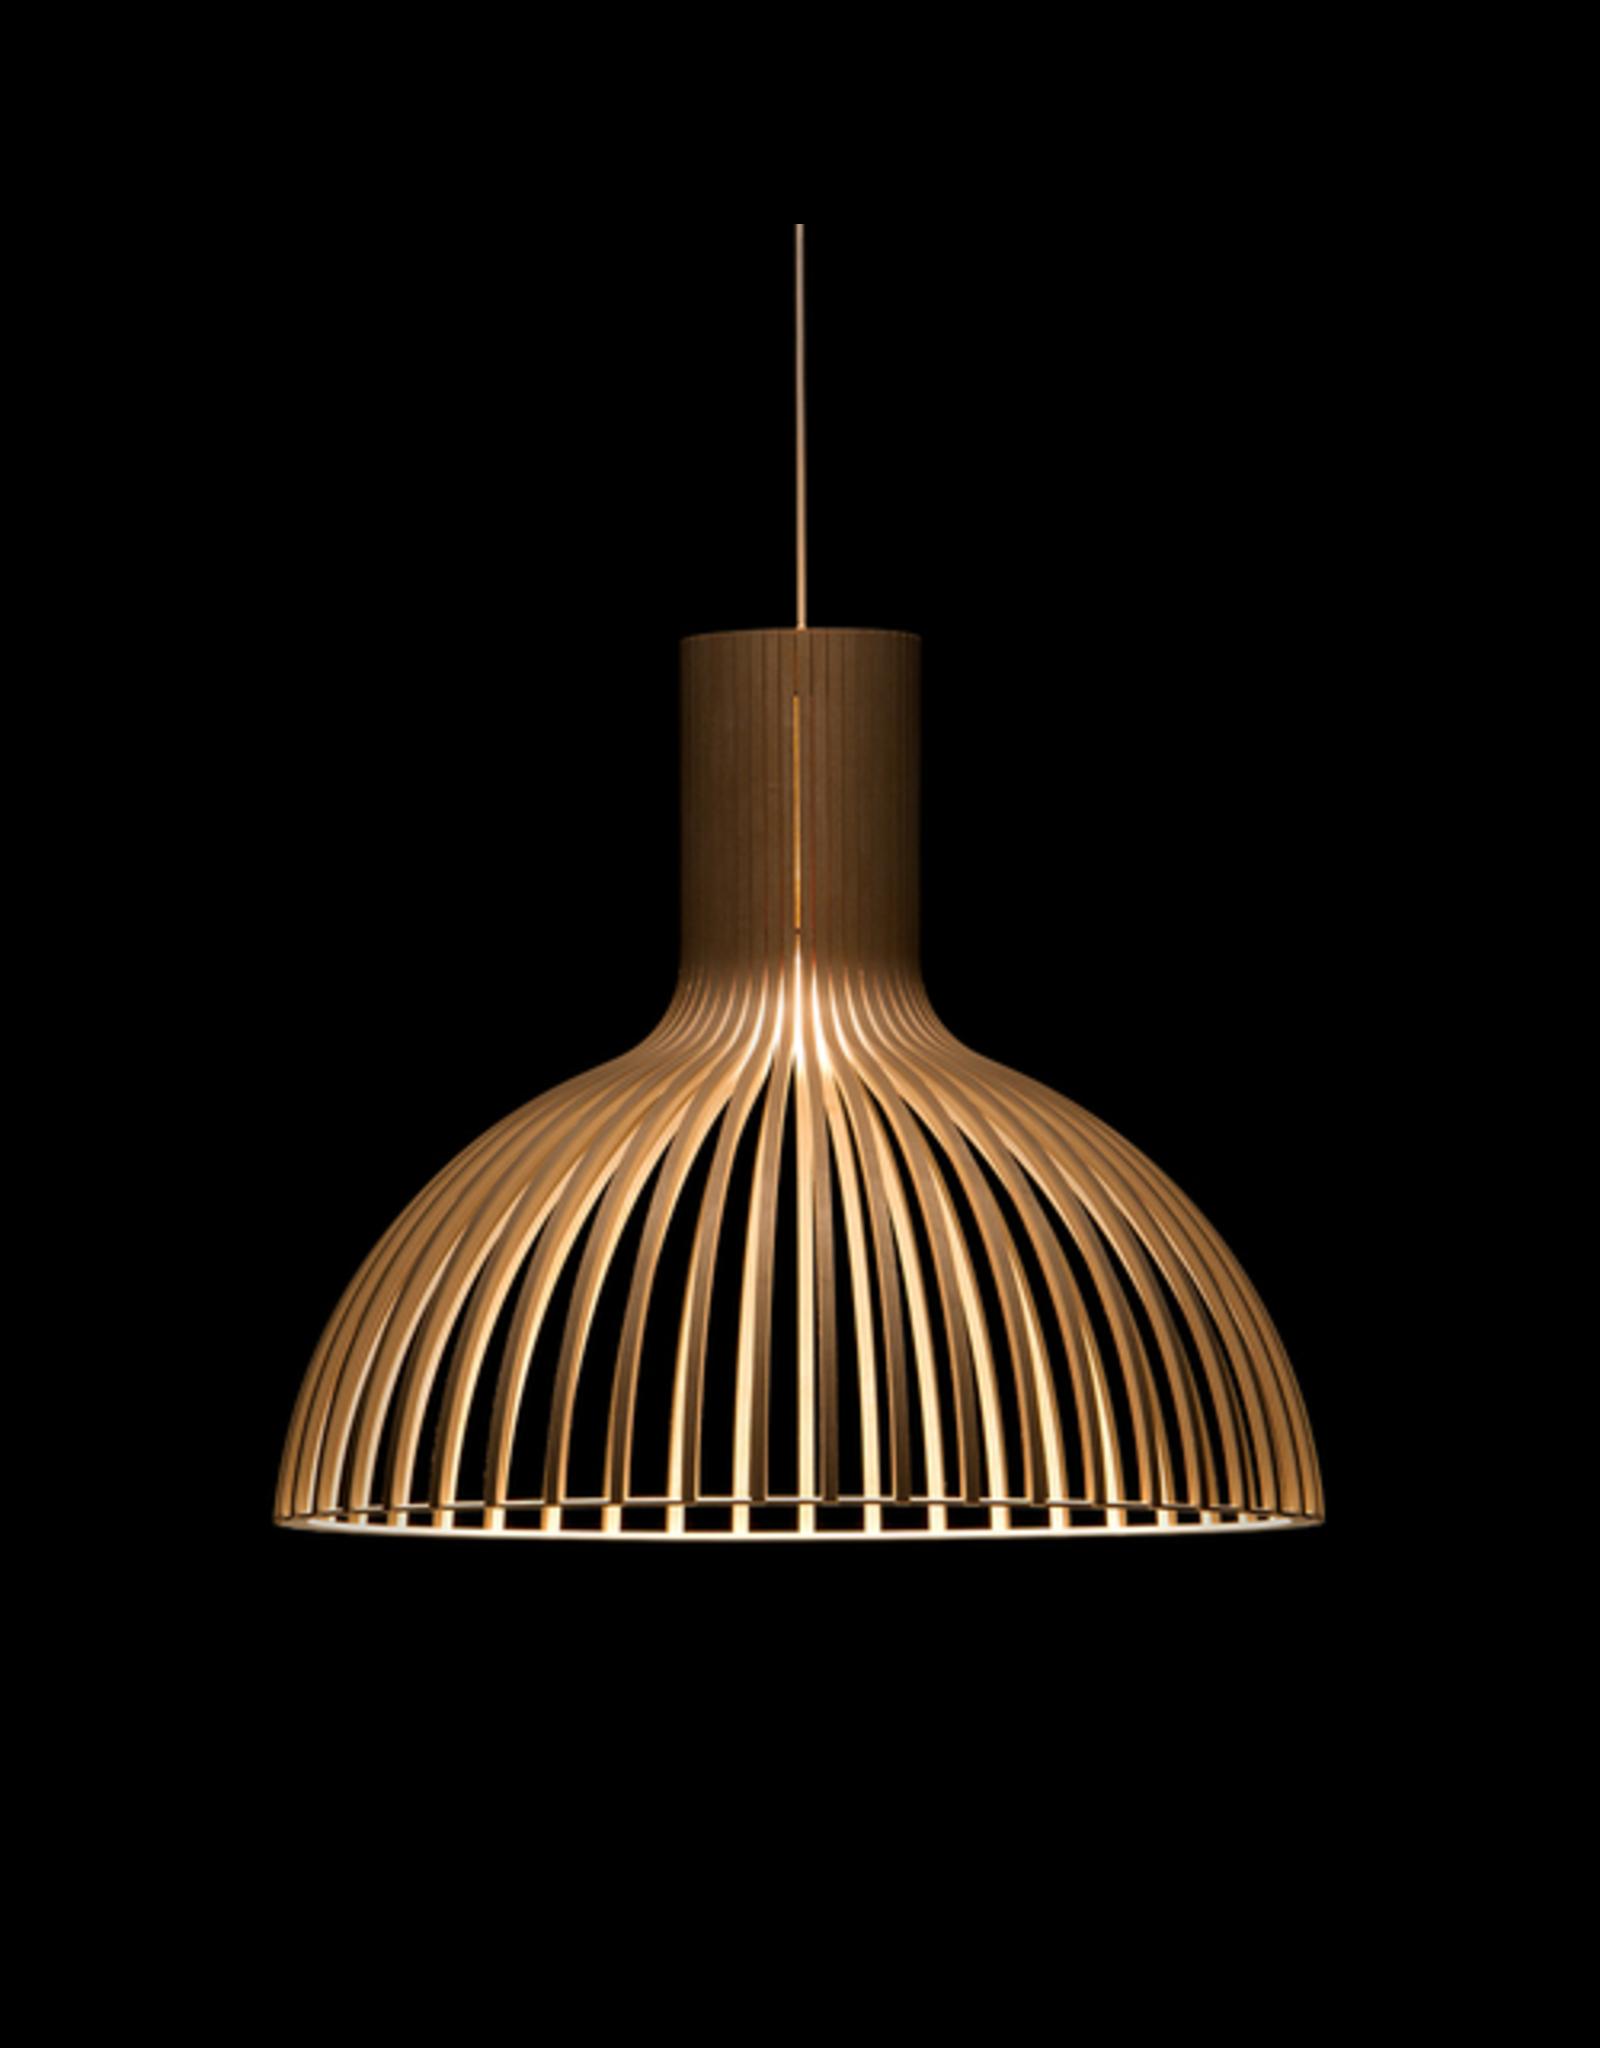 SECTO DESIGN VICTO 4250 PENDANT LAMP